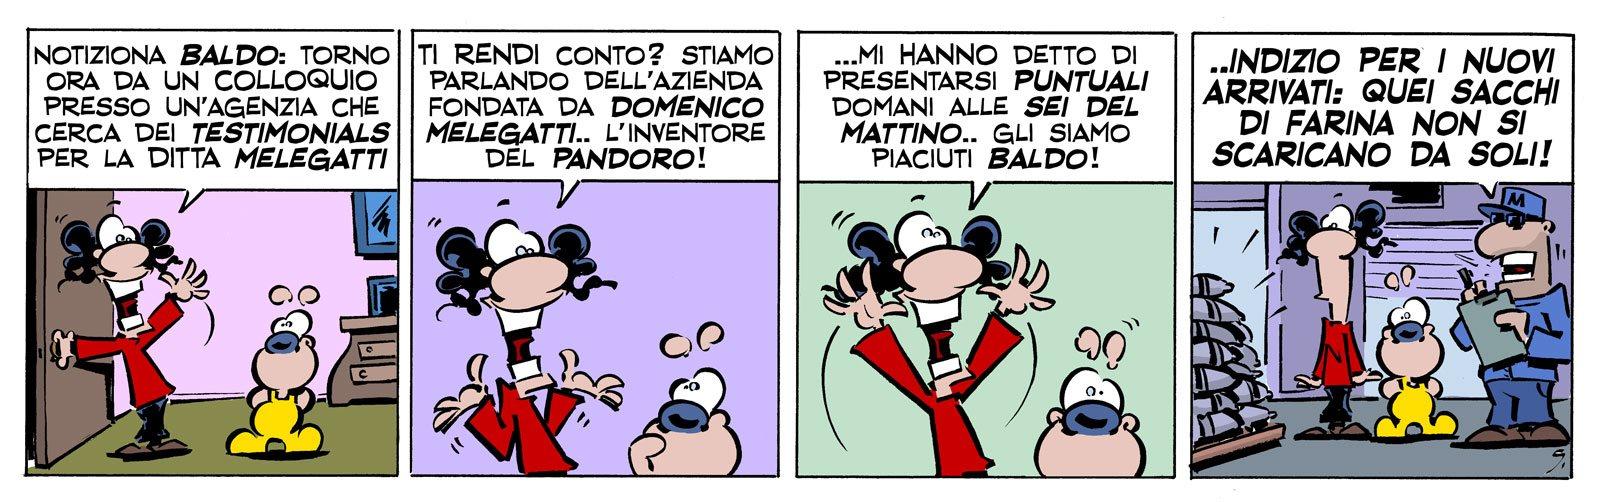 Ettore e Baldo 1